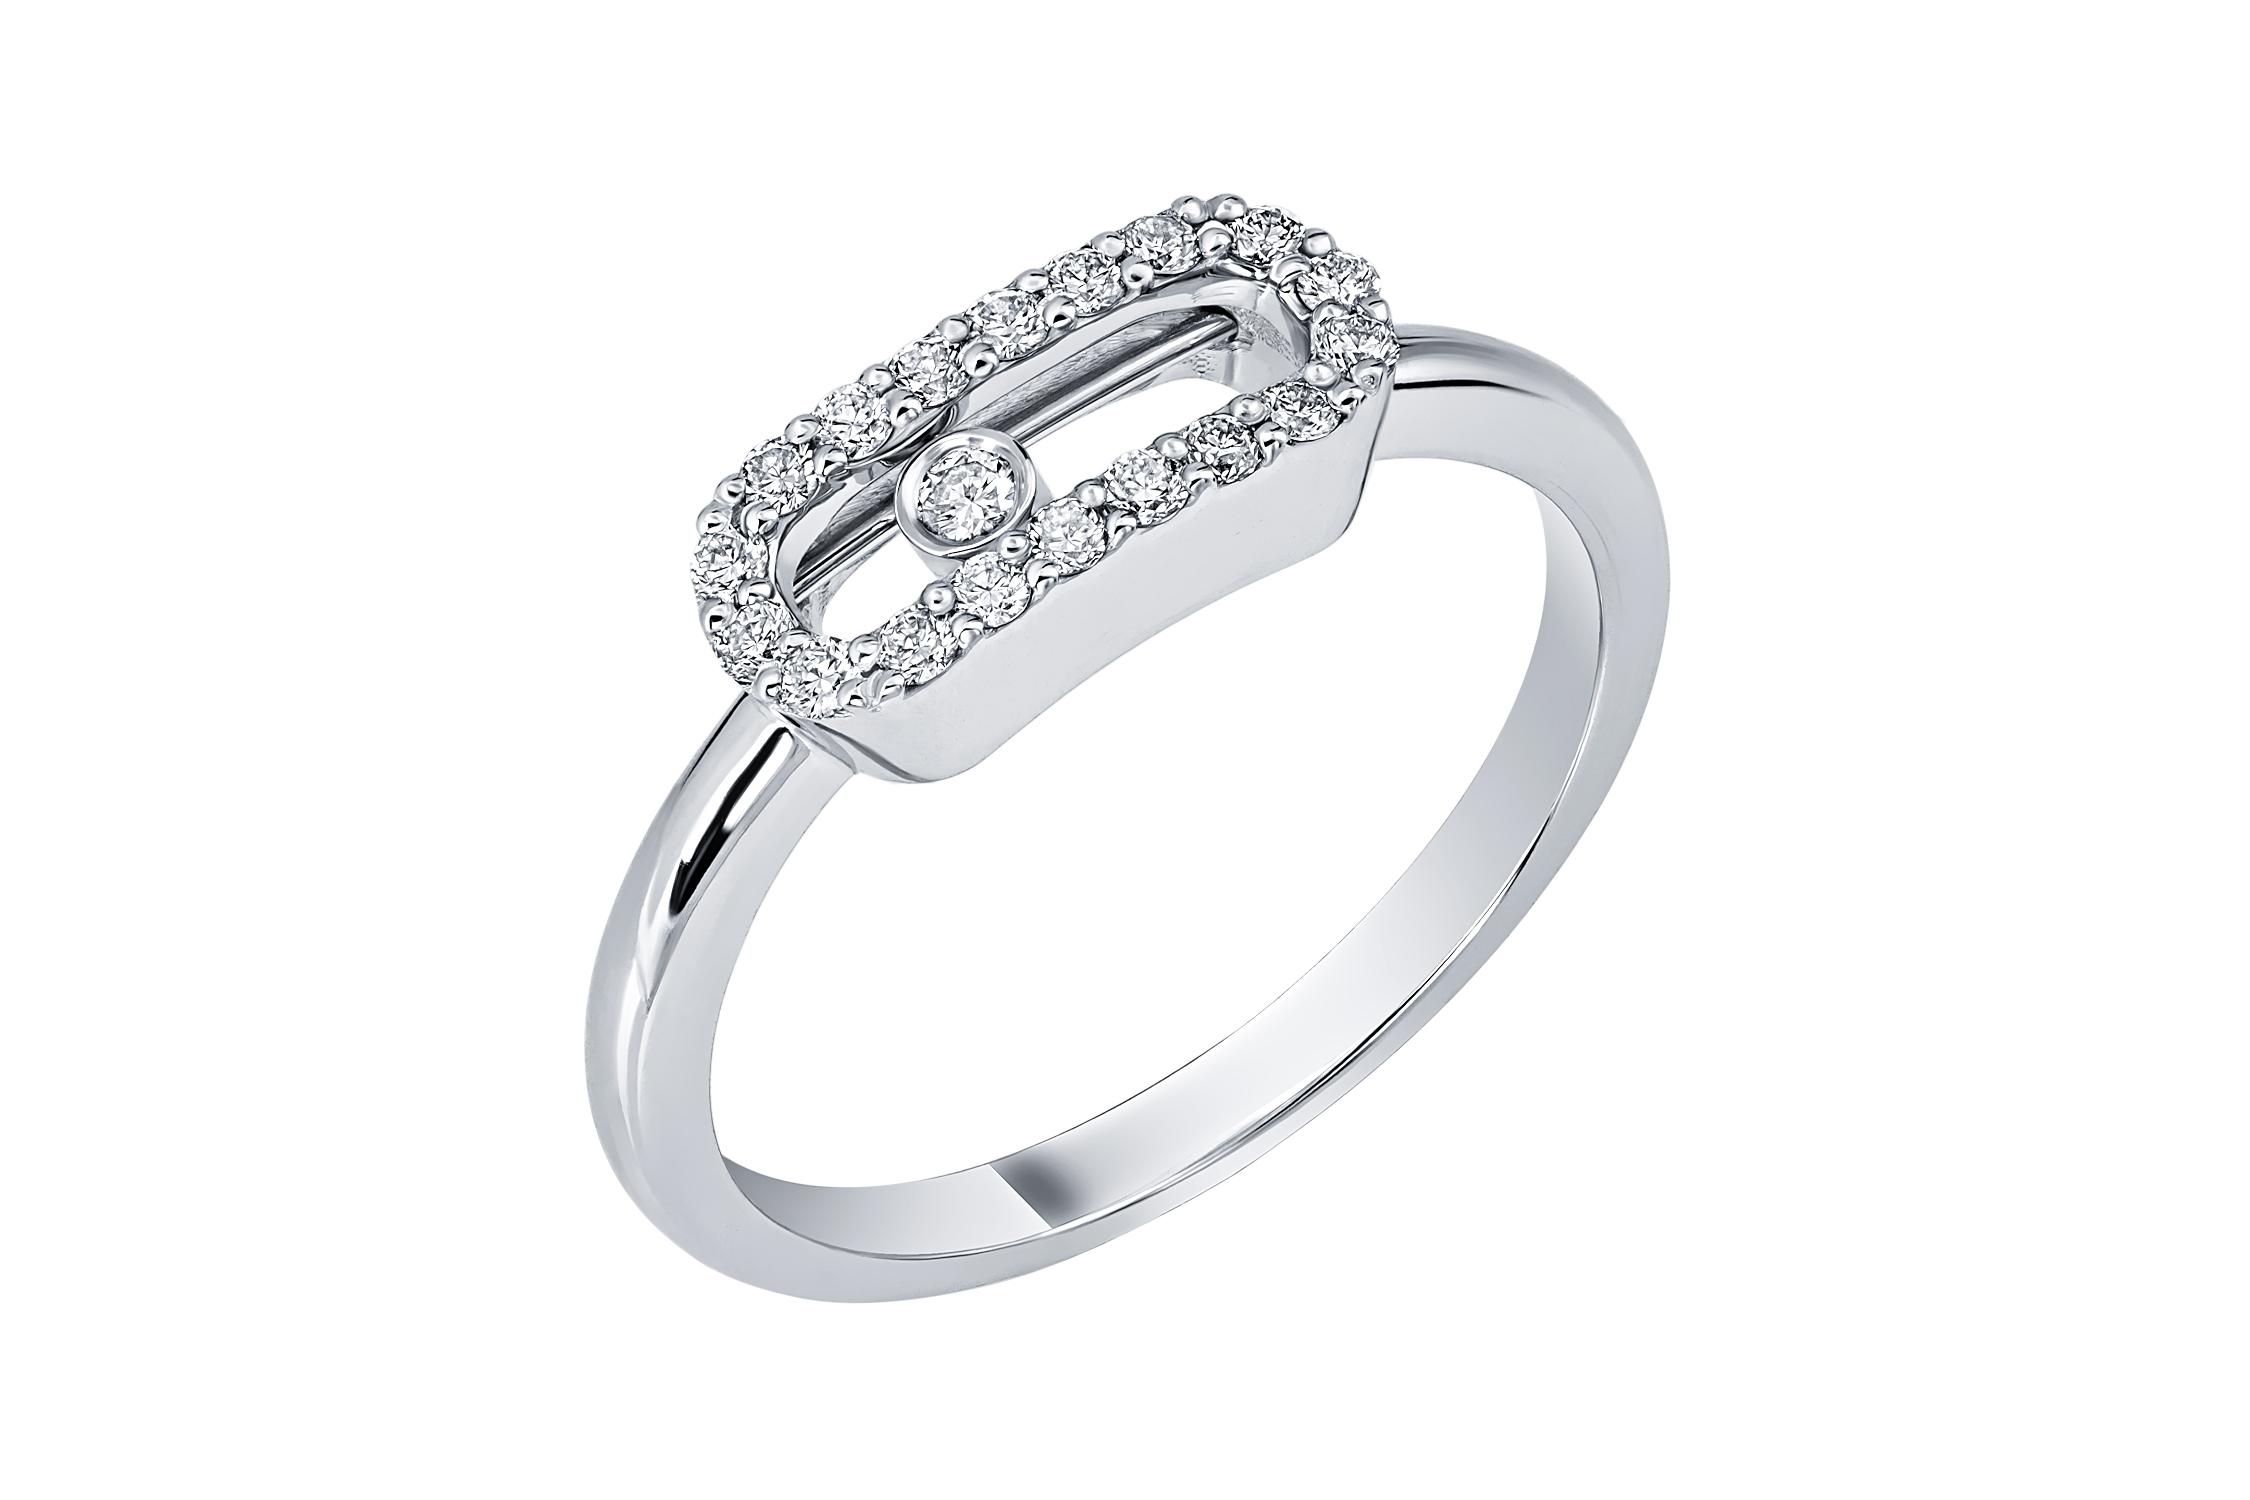 Кольцо из белого золота Бриллиант арт. 91184-1 91184-1